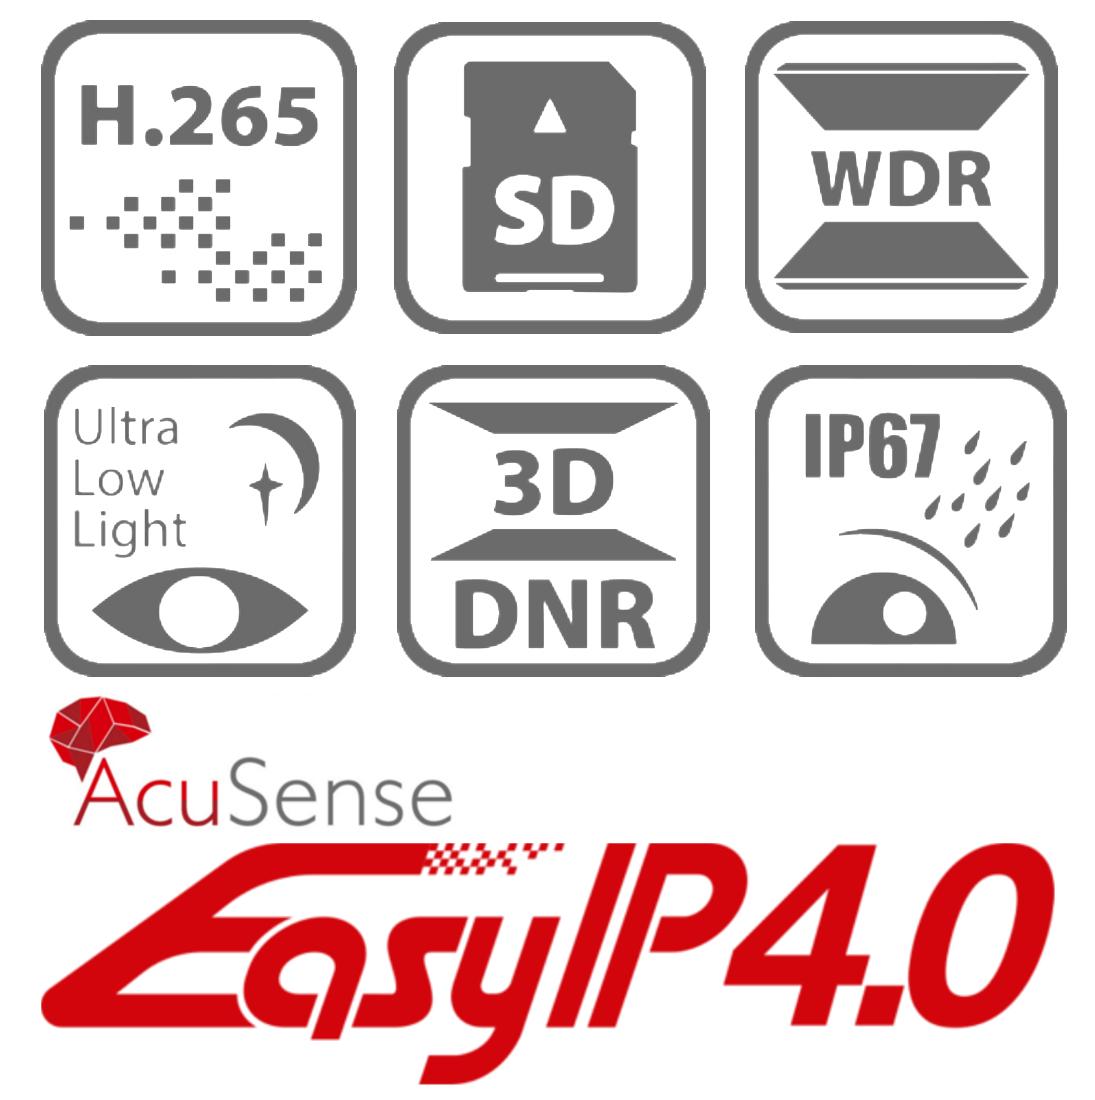 DS-2CD2T46G1-2I - Najważniejsze cechy kamery.